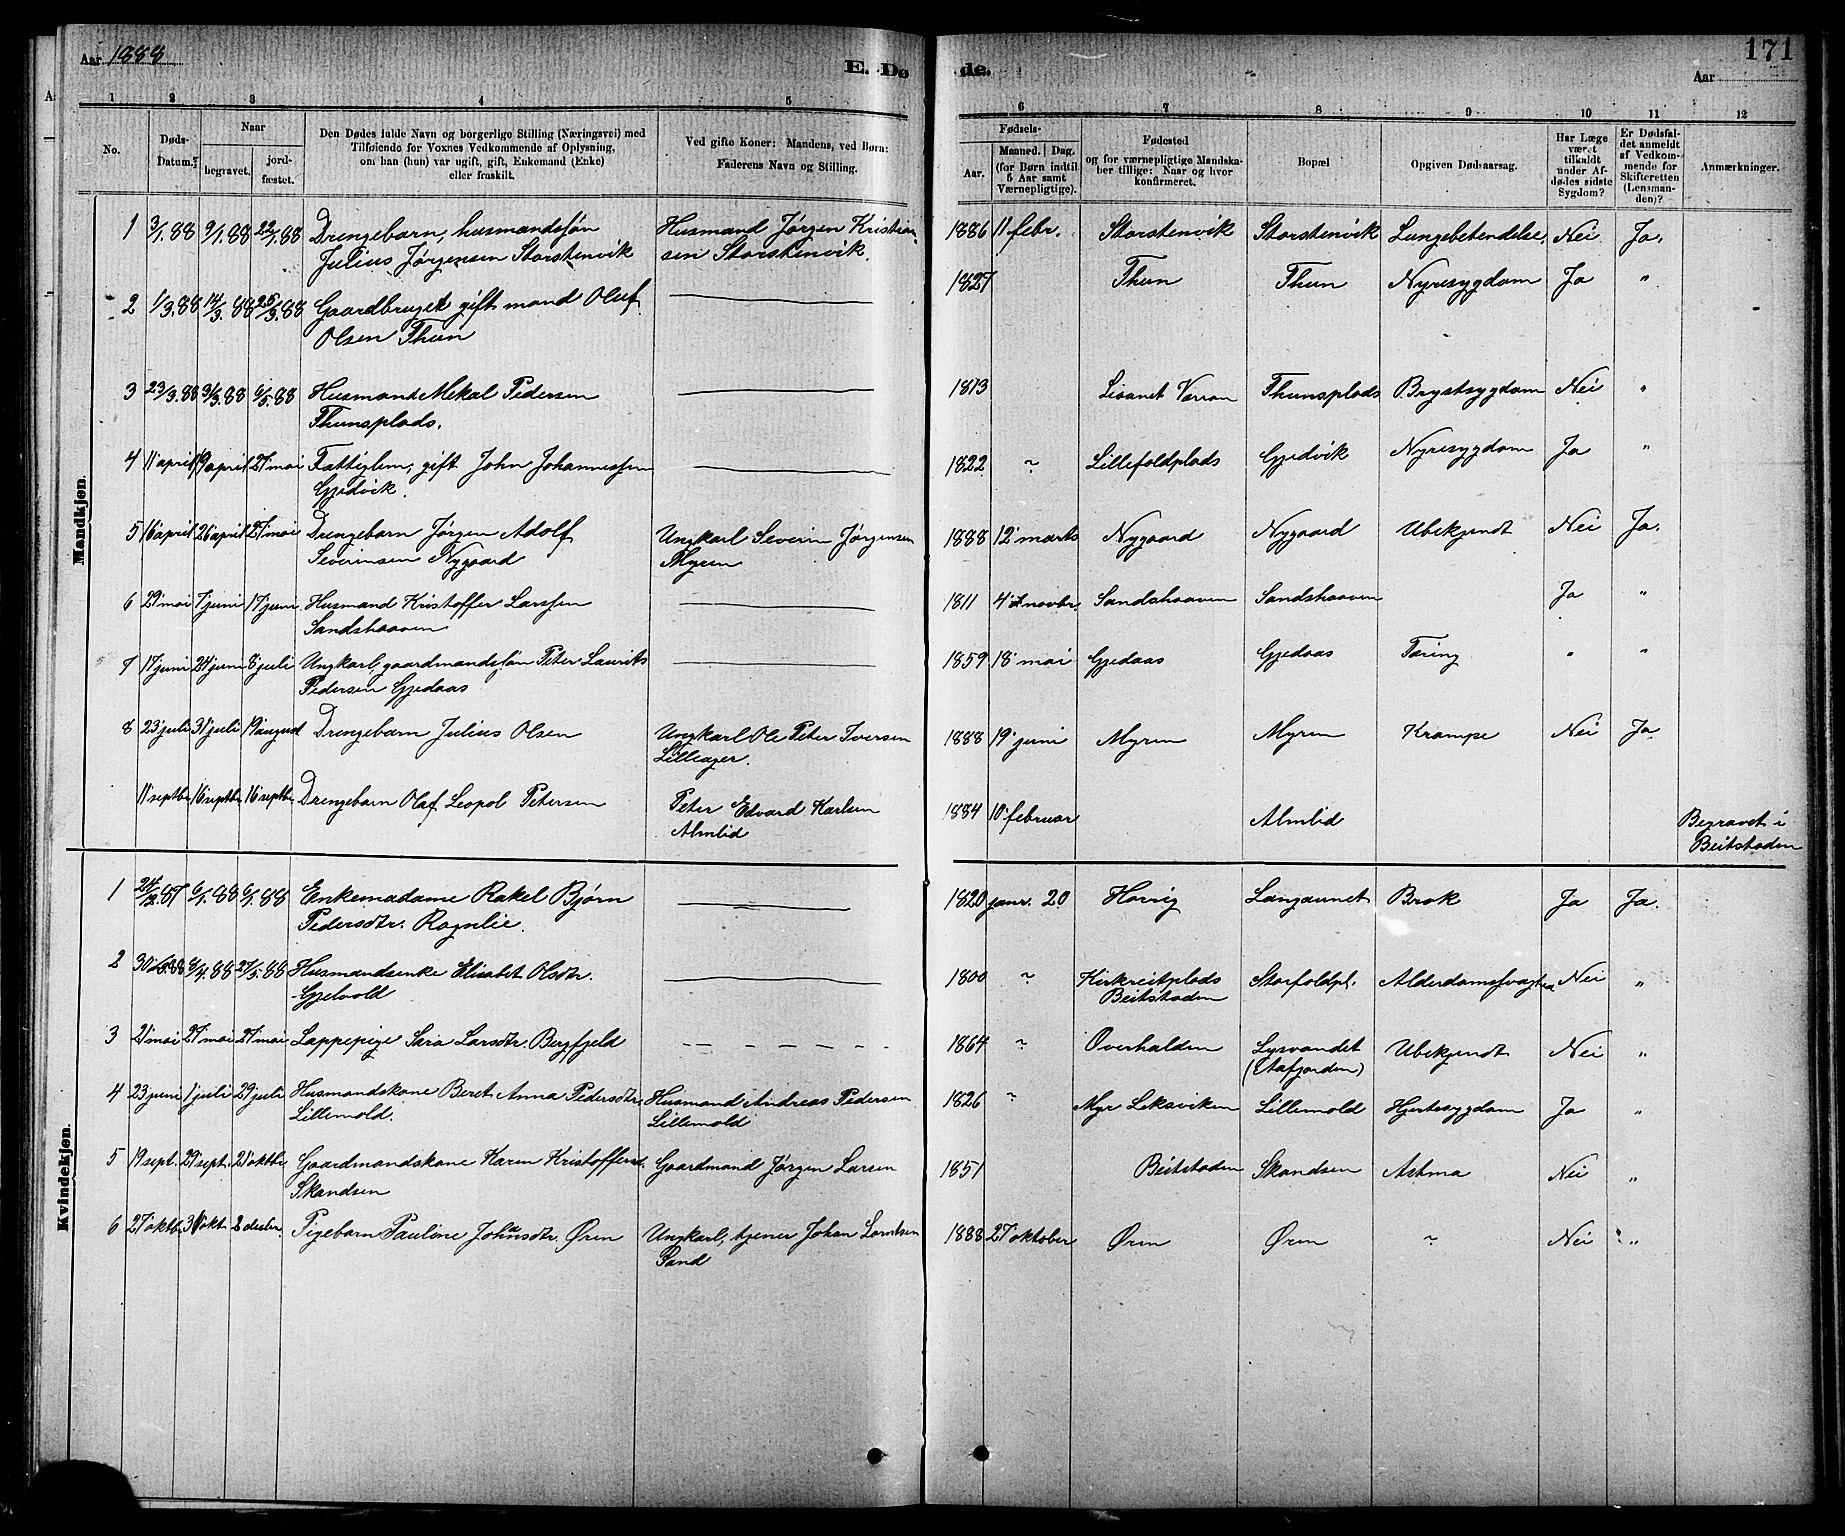 SAT, Ministerialprotokoller, klokkerbøker og fødselsregistre - Nord-Trøndelag, 744/L0423: Klokkerbok nr. 744C02, 1886-1905, s. 171